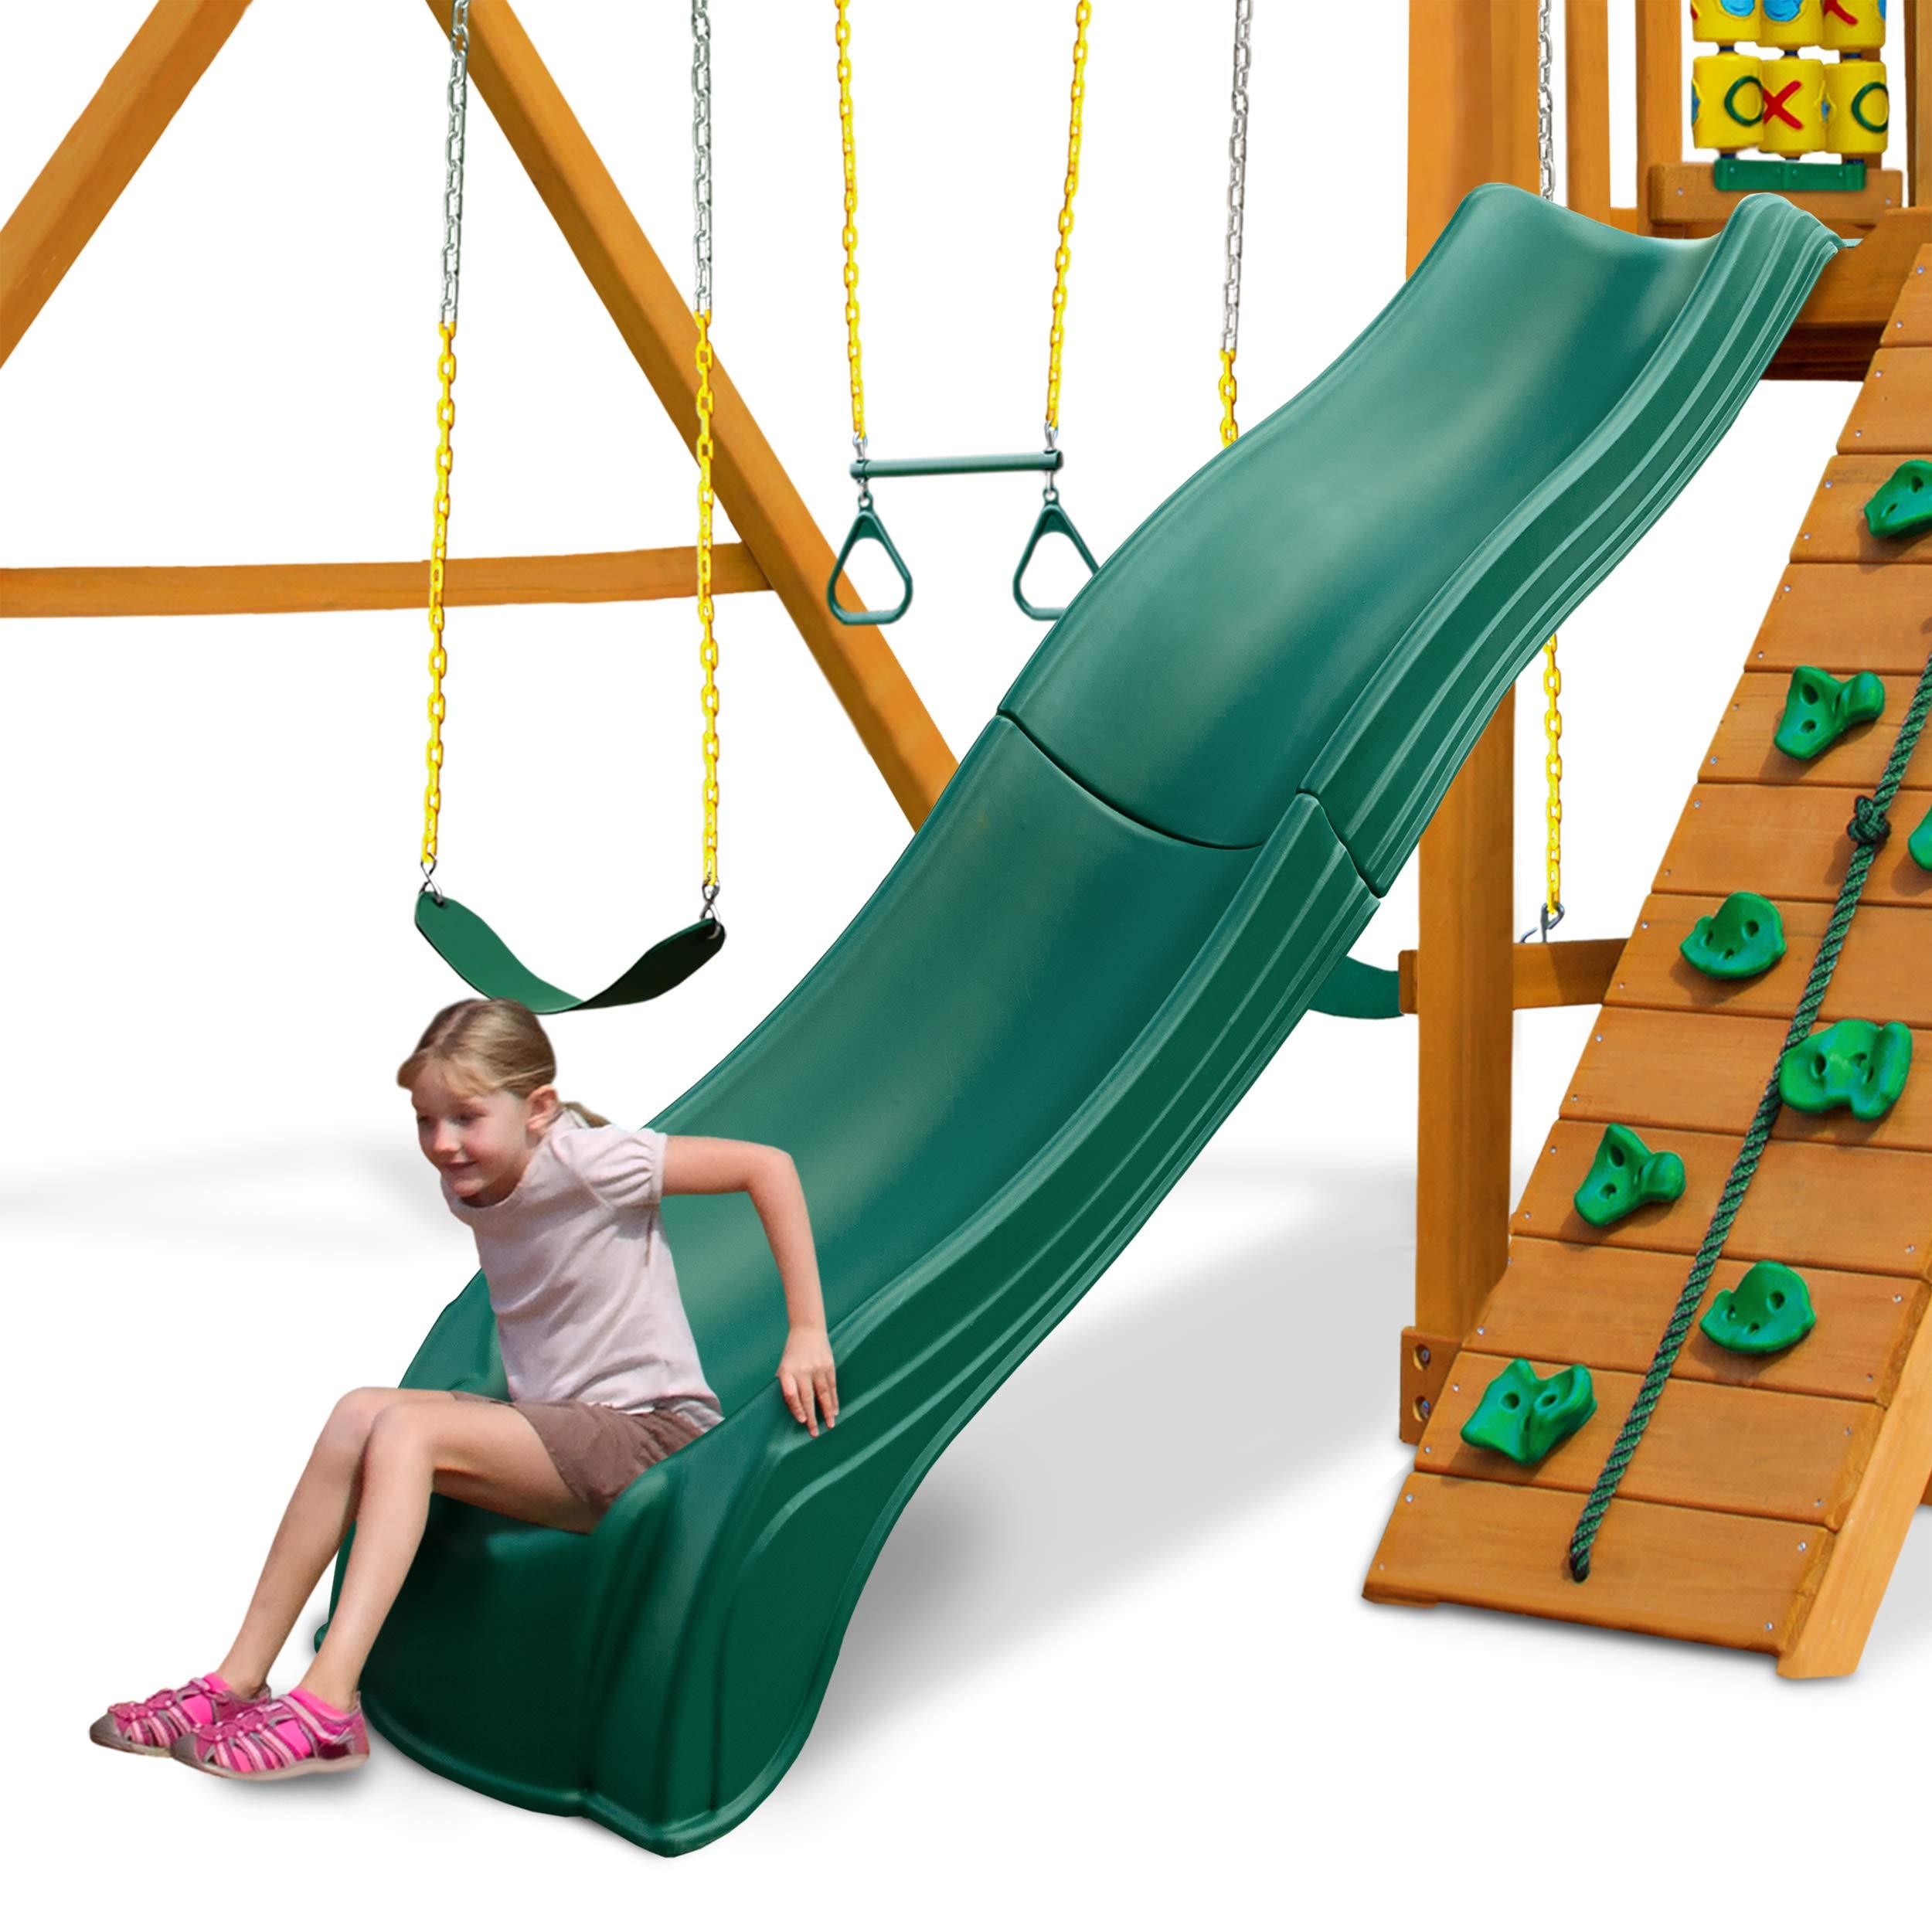 Swing-N-Slide WS 5033 Olympus Wave Slide Plastic Slide for 5' Decks, Green by Swing-N-Slide (Image #1)